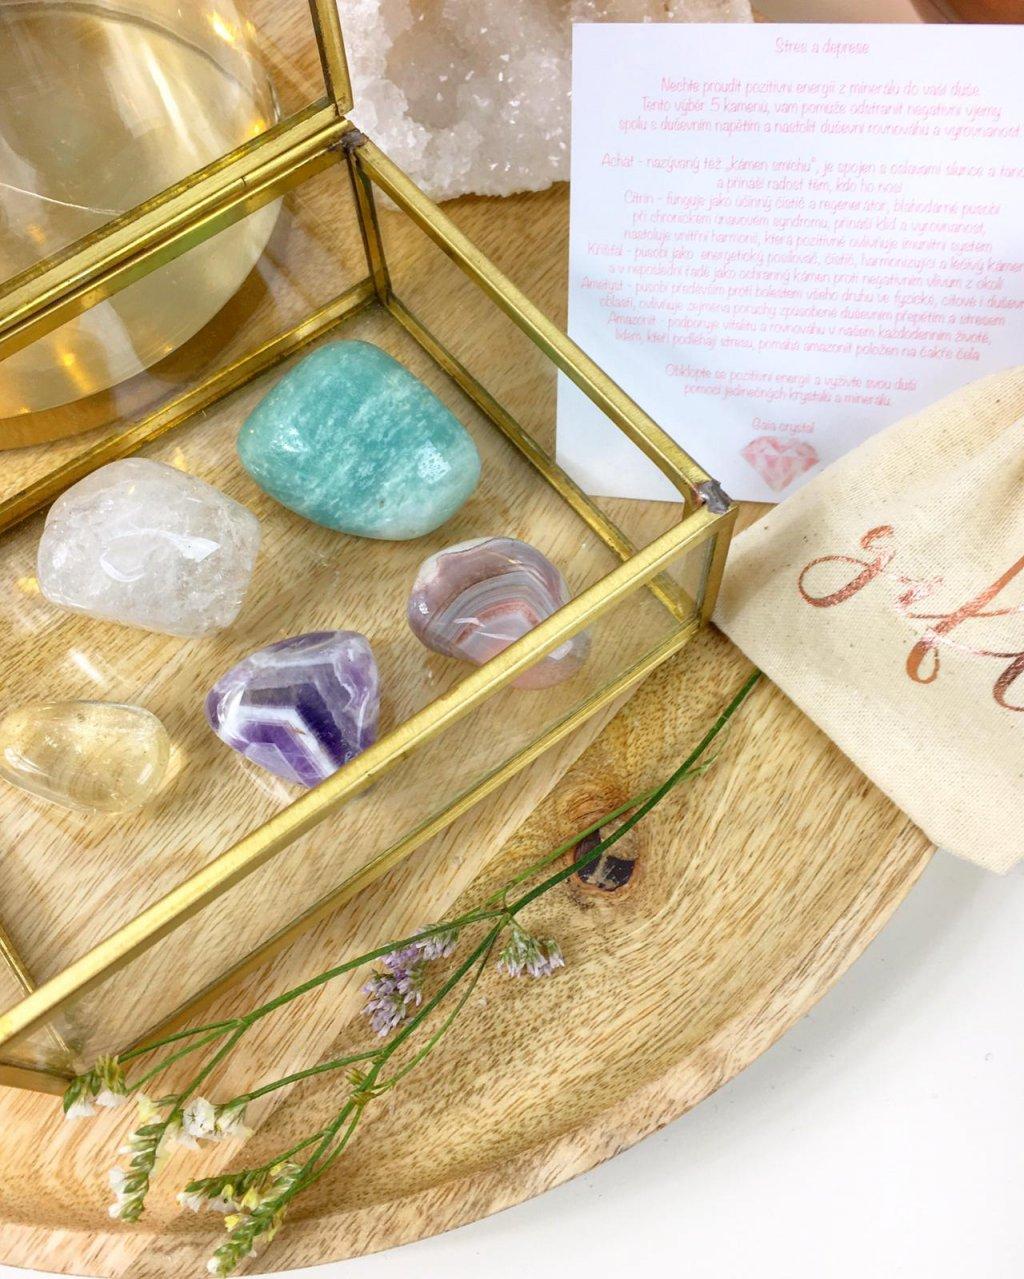 Výběr krystalů a minerálů, co pomohou zahnat stres a deprese